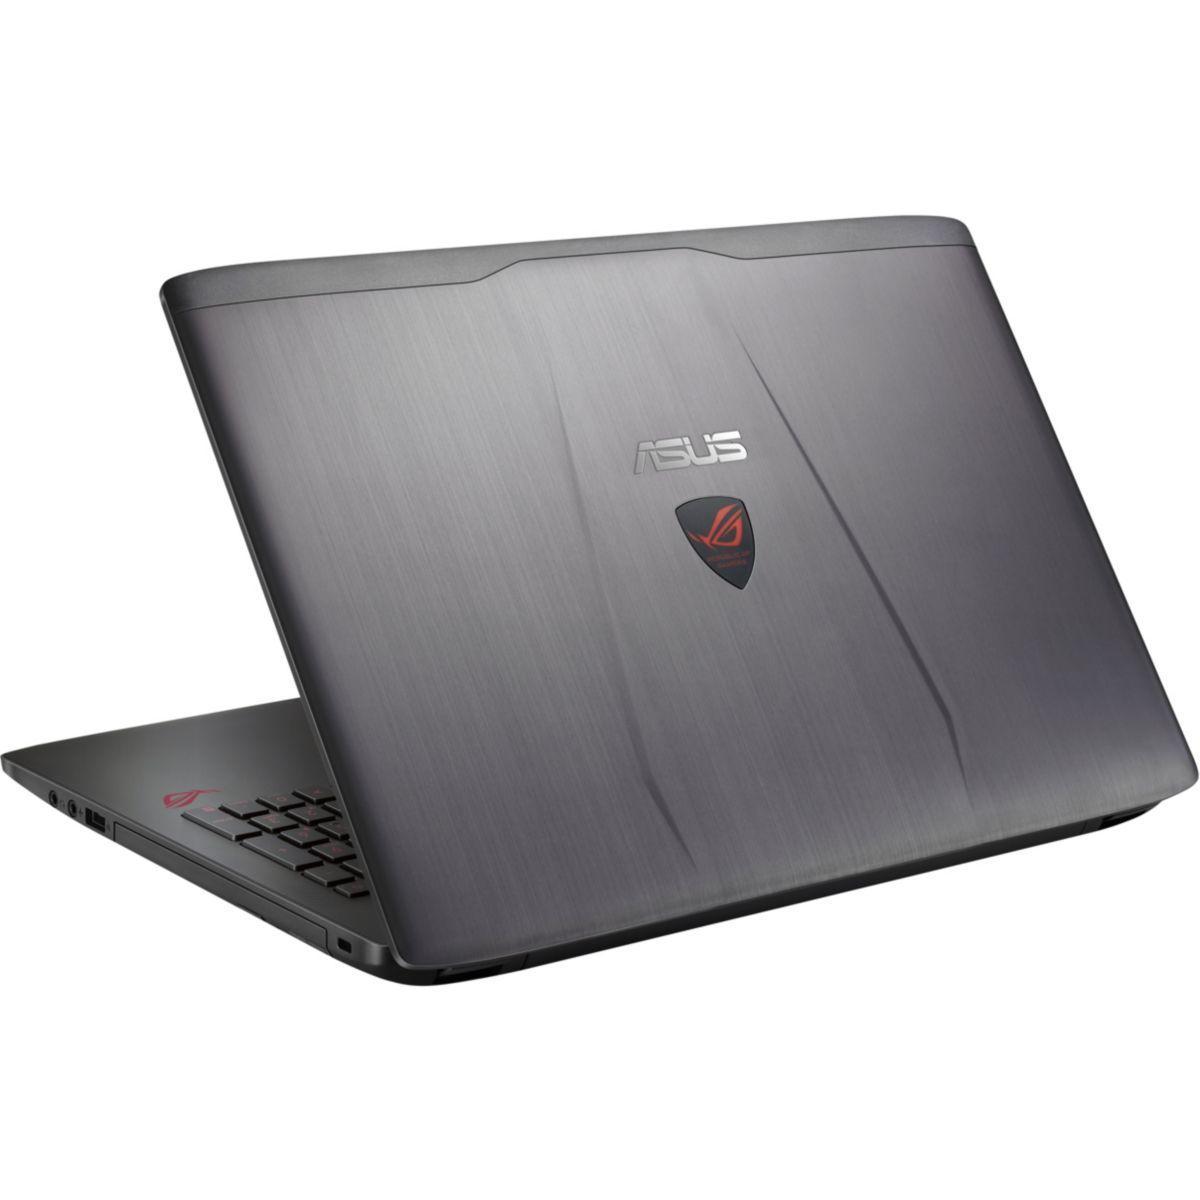 """Asus ROG G552VW-DM475T 15"""" Core i7 2,6 GHz  - SSD 128 GB + HDD 1 TB - 8GB - NVIDIA GeForce GTX 960M AZERTY - Französisch"""